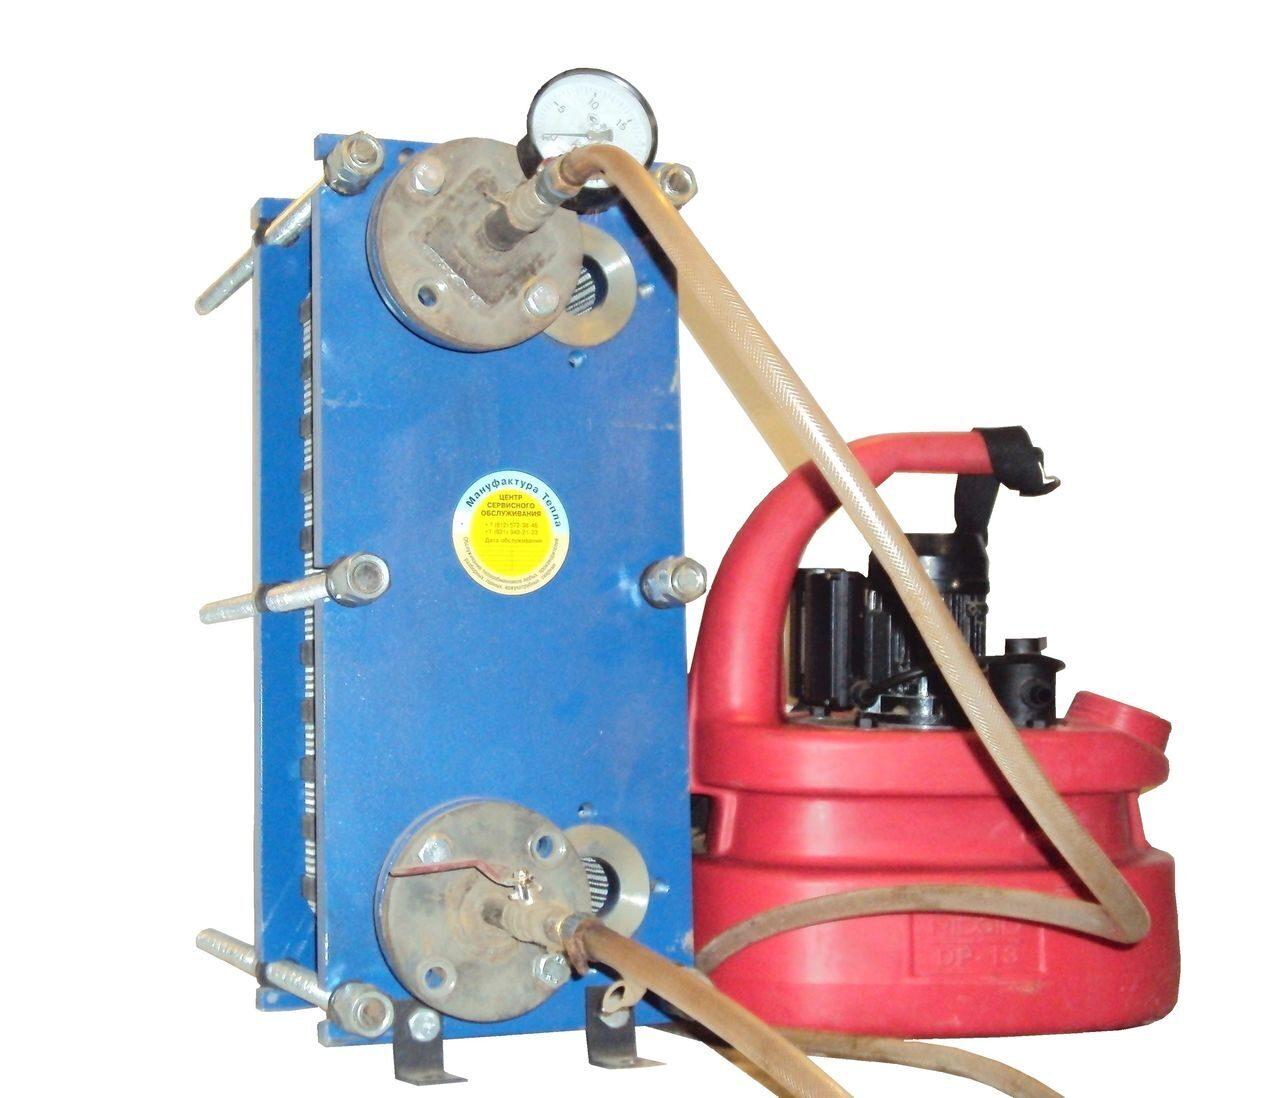 Цена теплообменника прослужившего n лет электрические теплообменники для воды